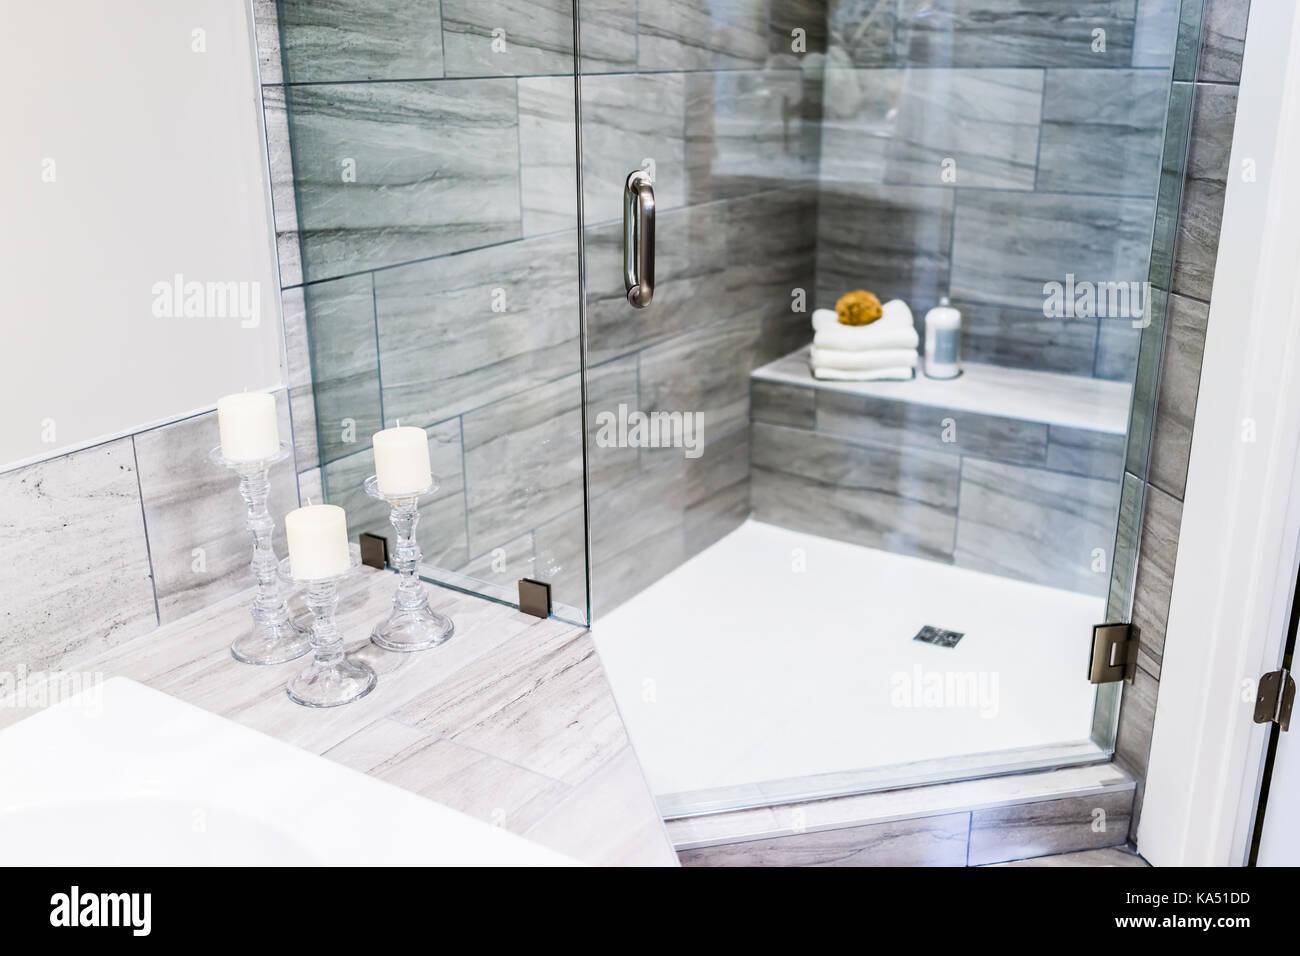 primer plano del estadio moderno bao embaldosado gris piedra encimera de mrmol en el modelo casa apartamento o casa con velas toallas pouf - Encimera De Marmol